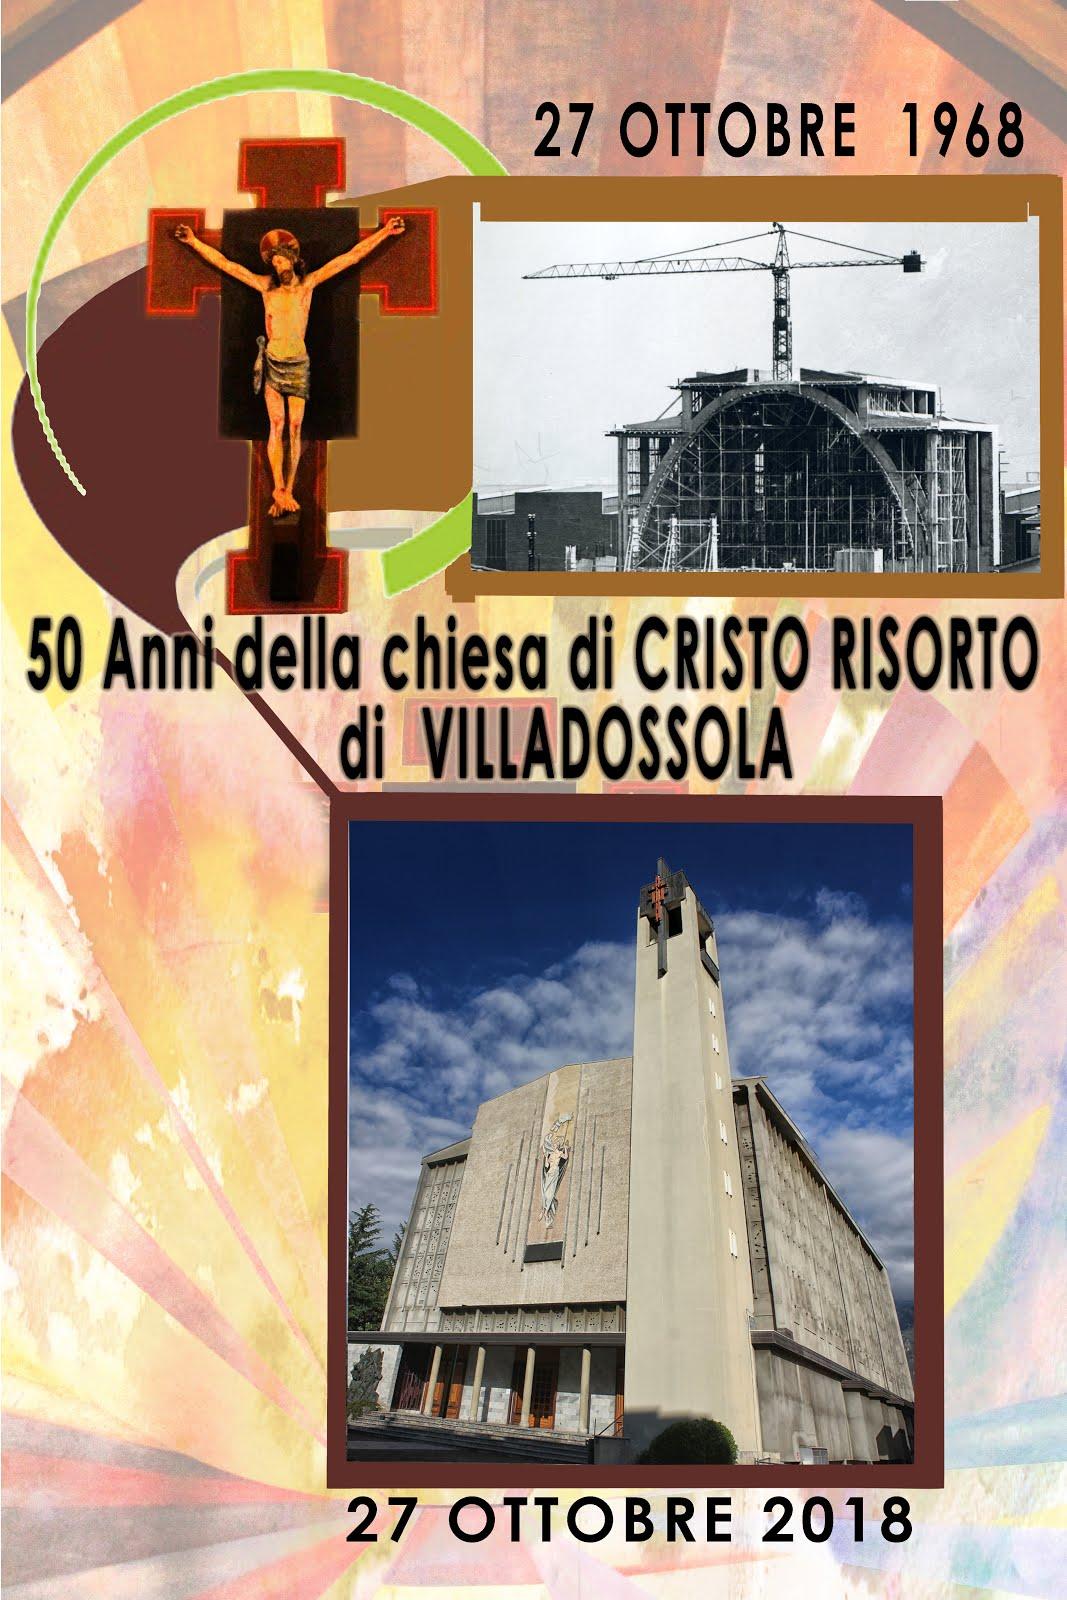 50 Anni della chiesa di CRISTO RISORTO di VILLADOSSOLA